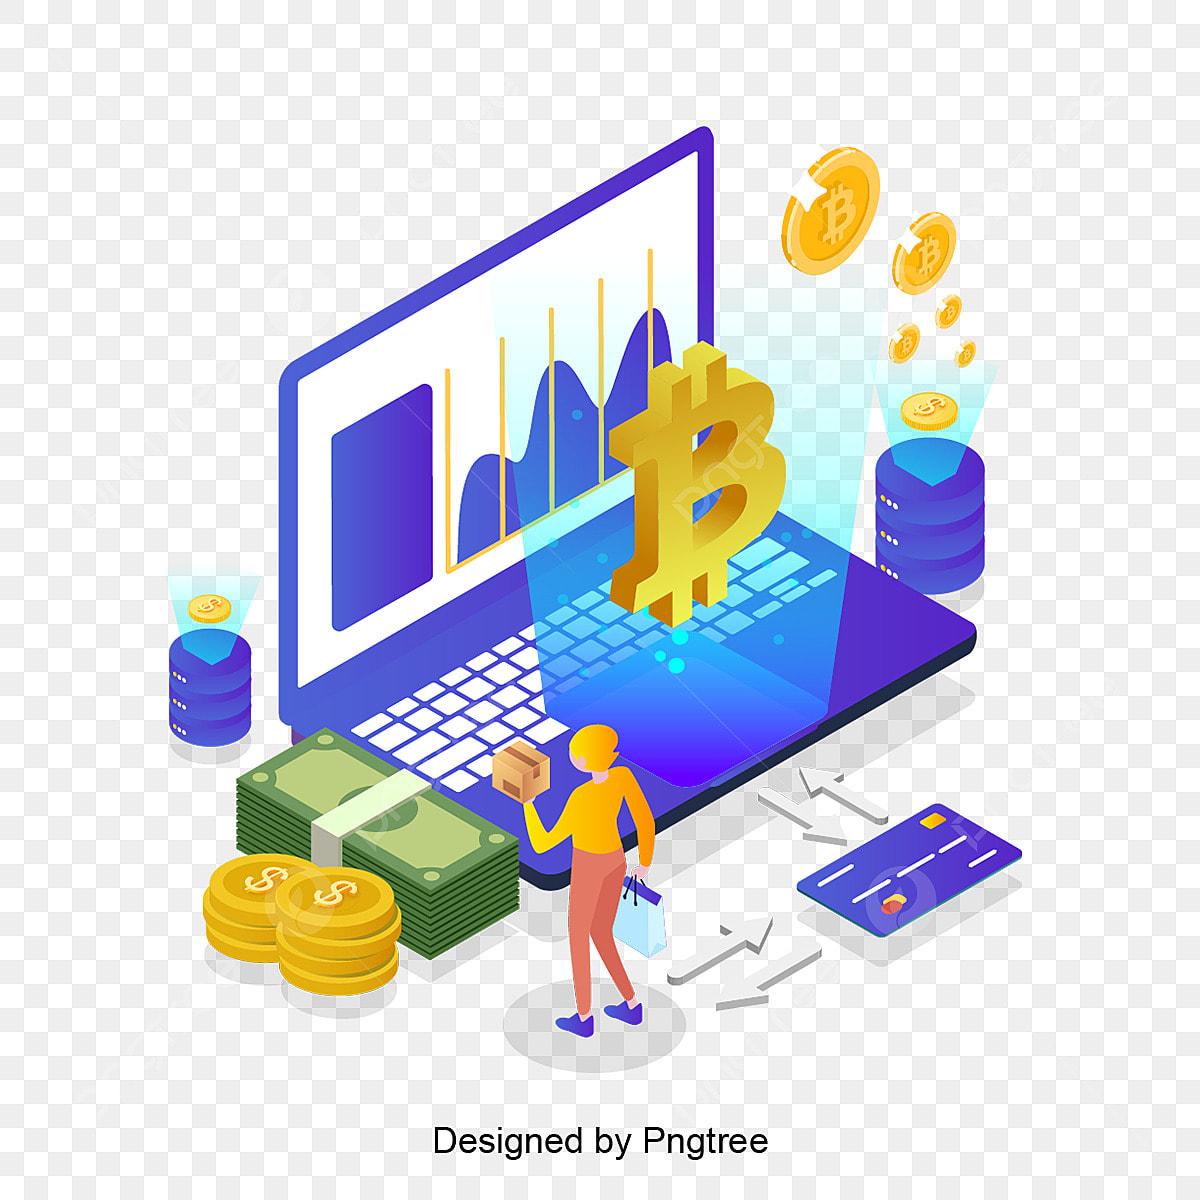 La Carte 3d 3d Anime De La Richesse De La Banque Main 3d 3d L Icone De Personnage Png Et Vecteur Pour Telechargement Gratuit